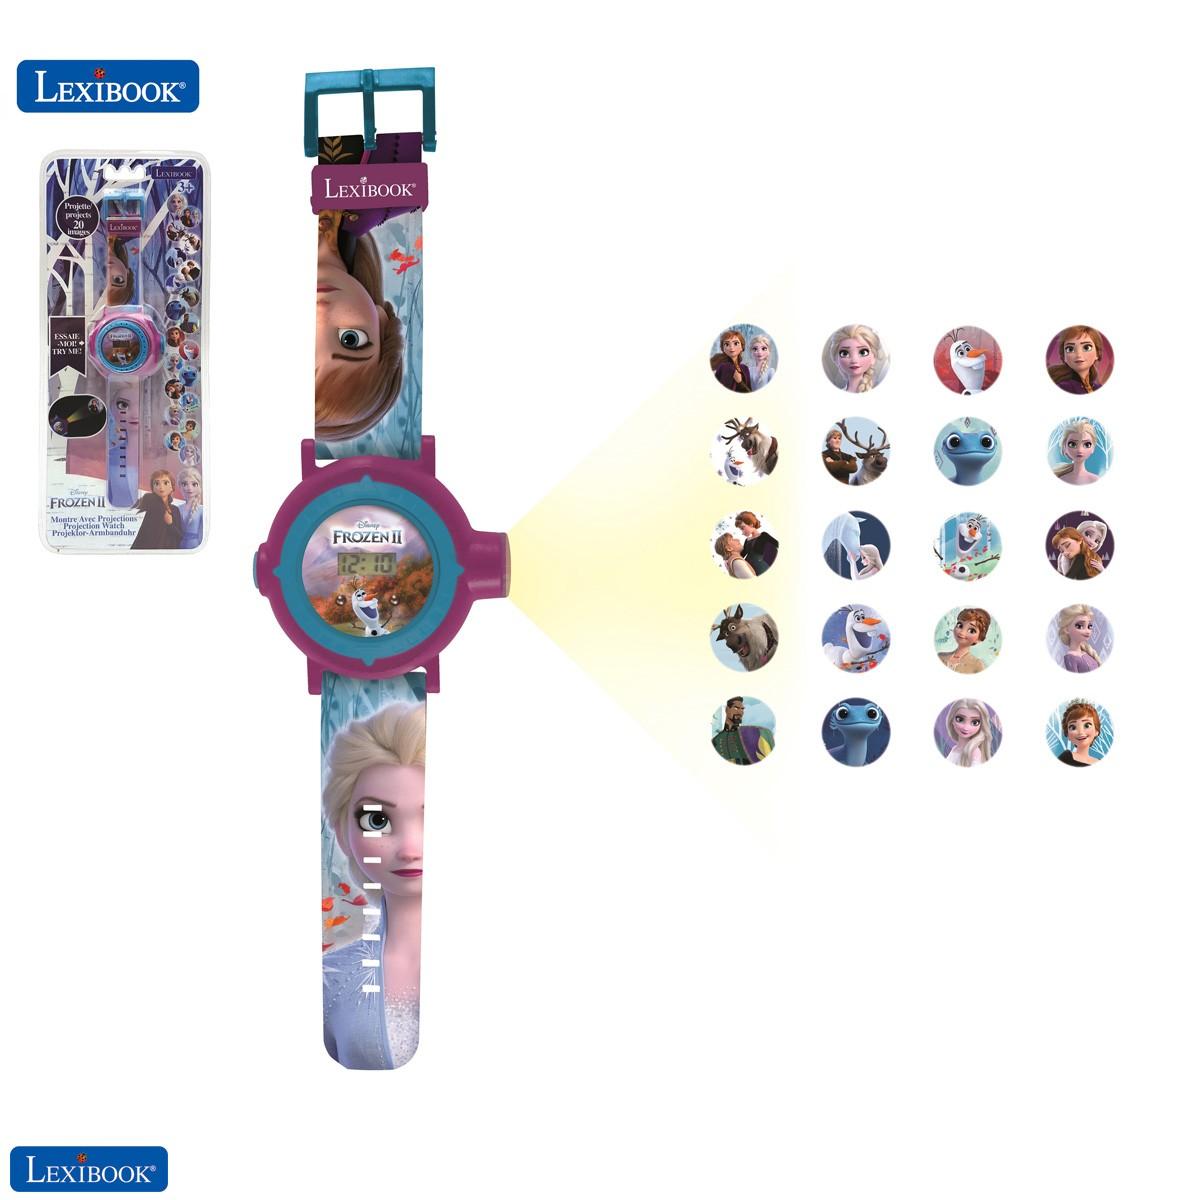 Frozen 2 - Die Eiskönigin 2 Einstellbare digitale Projektionsuhr